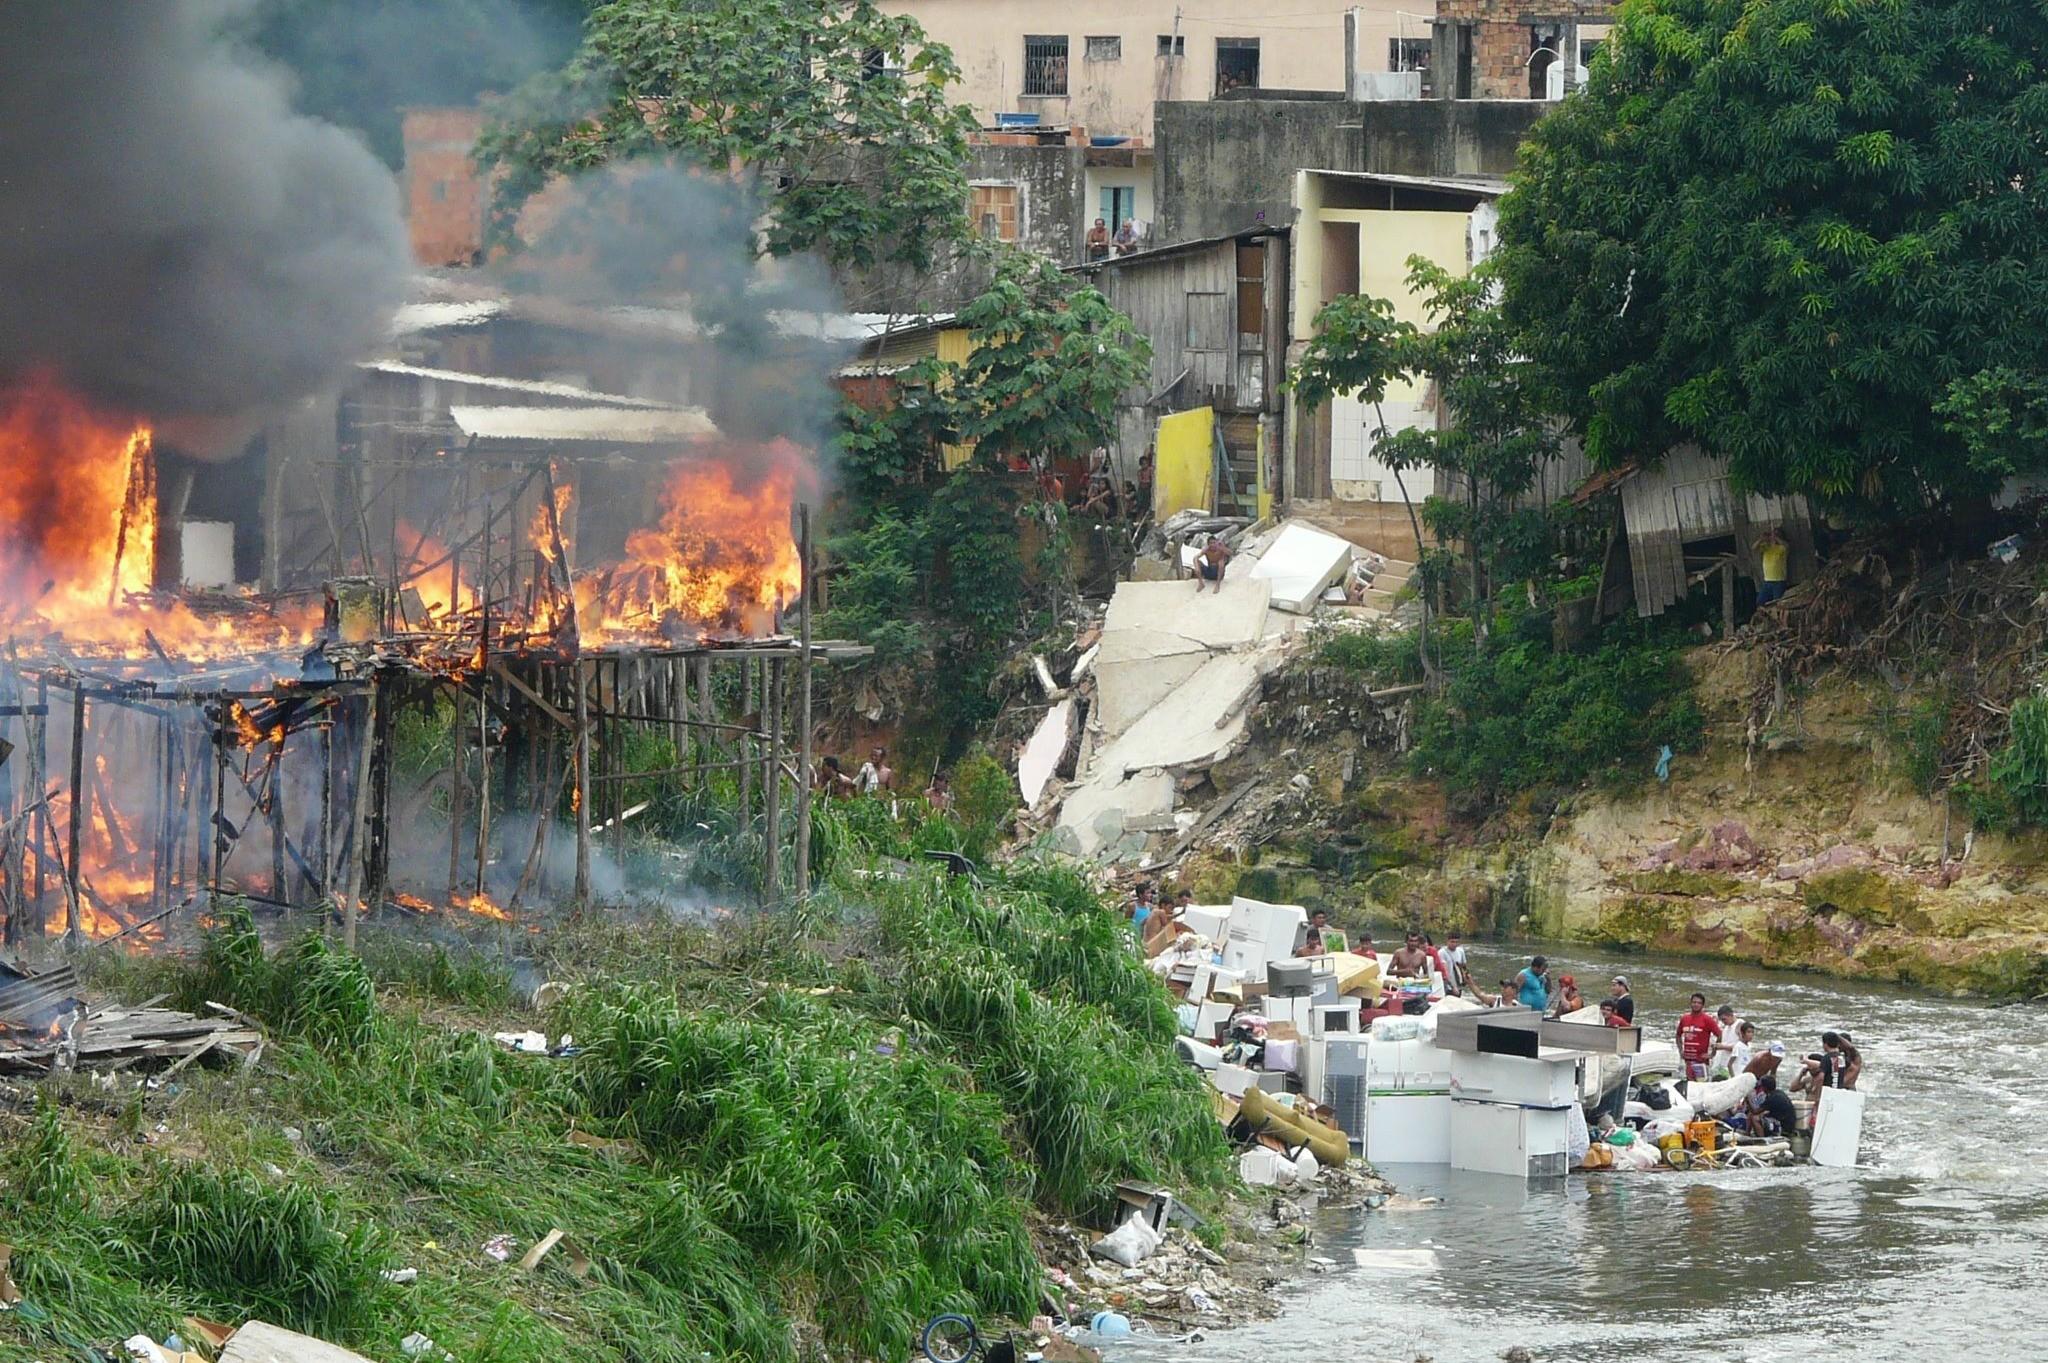 Famílias que enfrentaram incêndio em Manaus jogaram objetos no igarapé para salvar do fogo (Foto: Carlos Eduardo Matos/Rádio Amazonas FM)